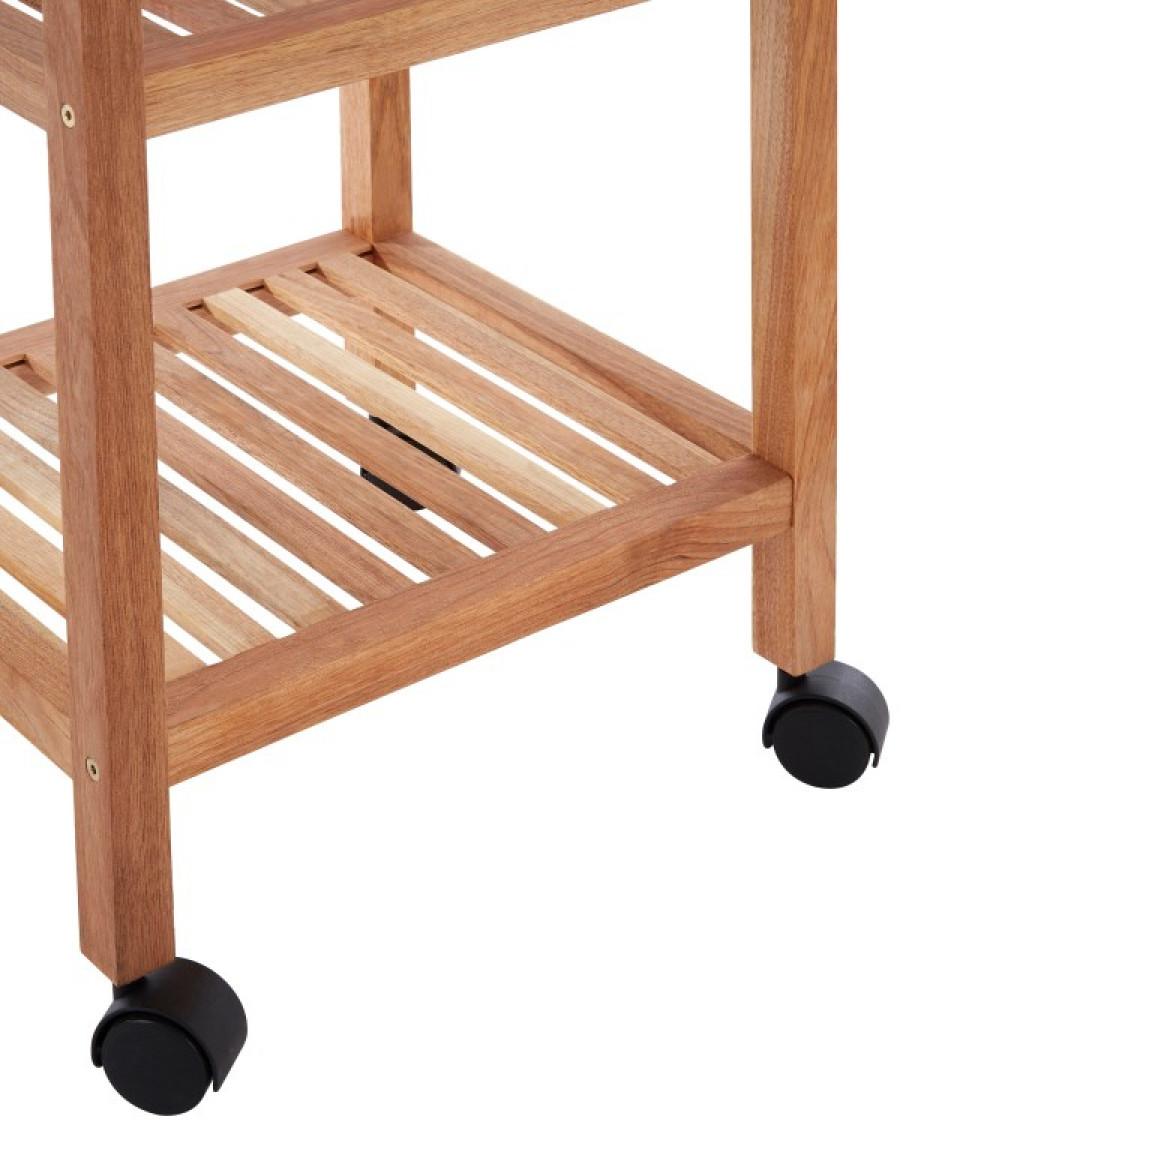 3 Tier Bathroom Trolley | Walnut Wood